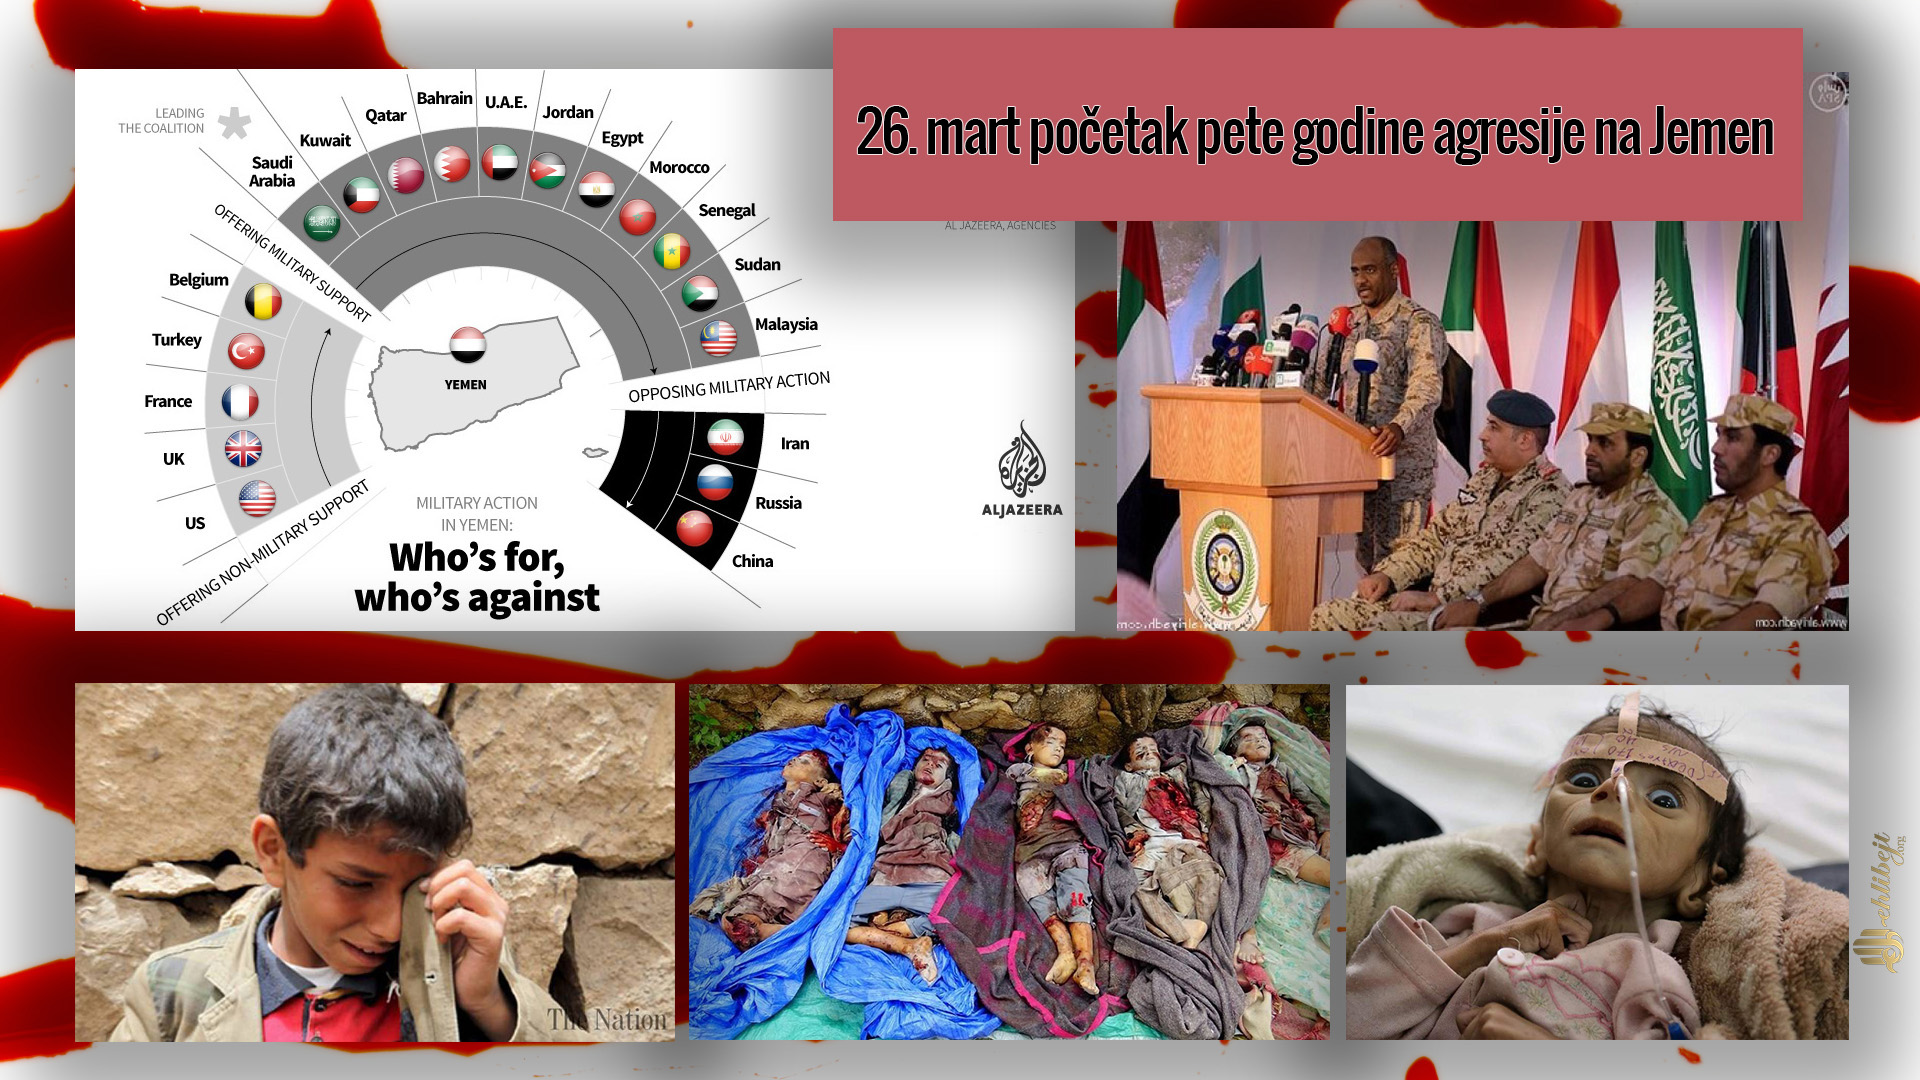 Jemensko čudo otpora, kako su se Jemenci suprotstavili Saudijcima?